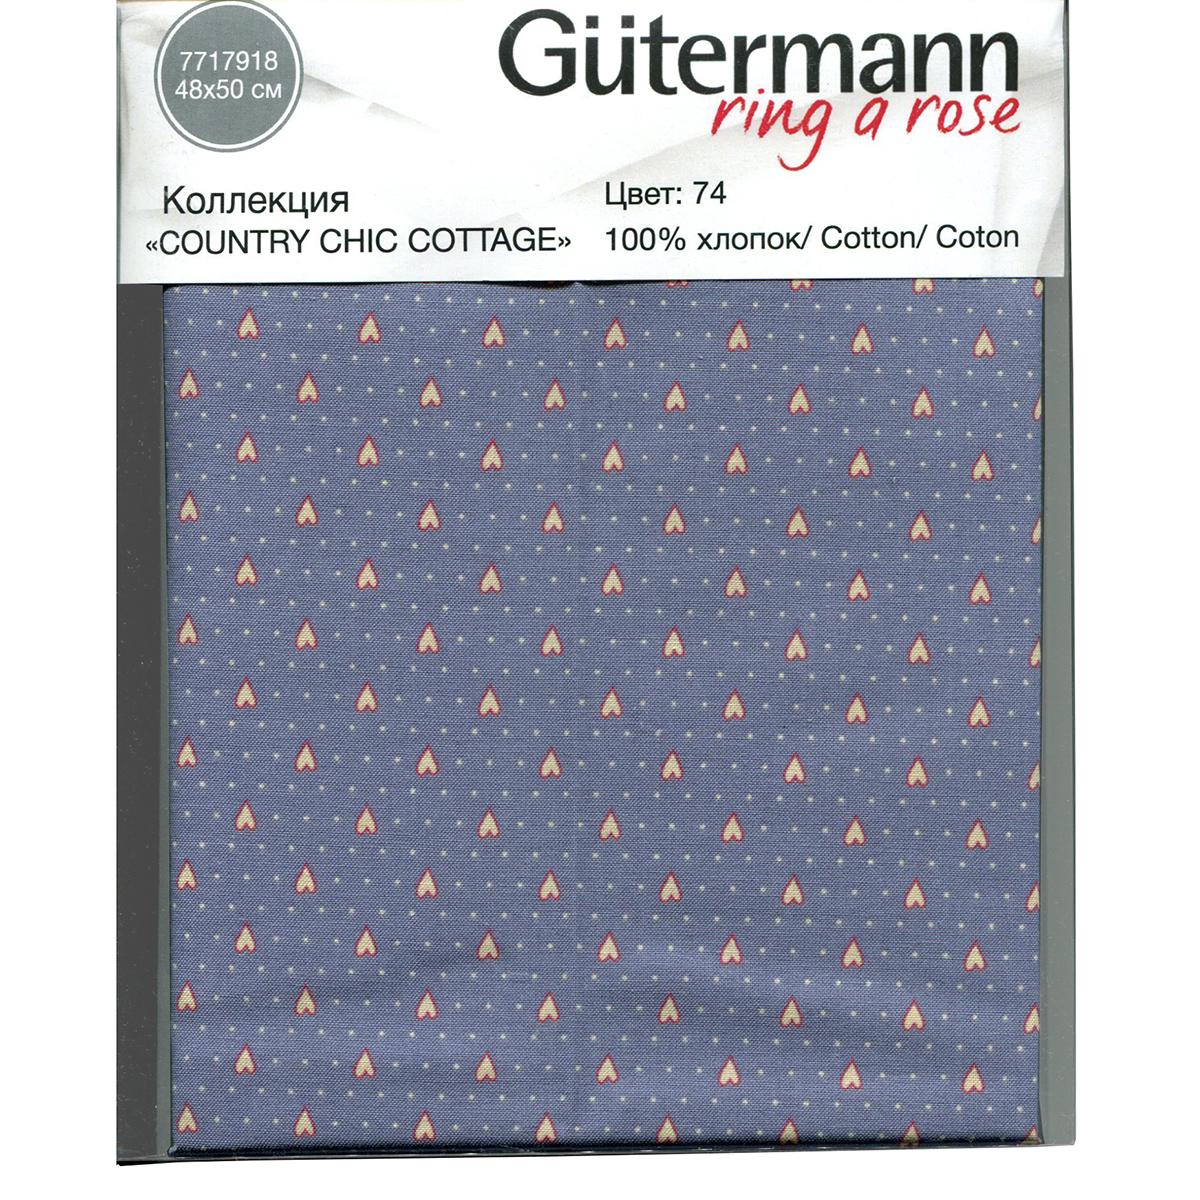 Ткань Gutermann Country Chic Cottage, 48х50 см. 649341_747717918-74Хлопковая ткань от Gutermann (Гутерманн) выполнена из 100% натурального материала, идеально подойдет для шитья одежды, постельного белья, декорирования. Ткань не линяет, не осыпается по краям и не дает усадки.